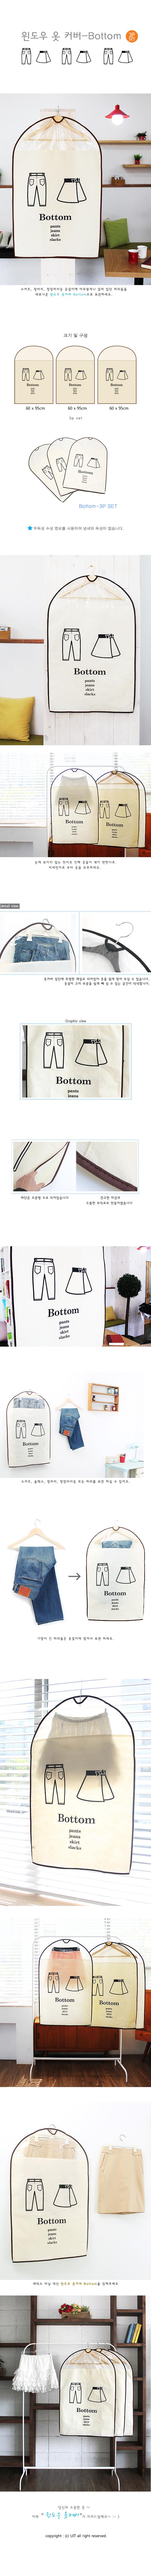 윈도우 옷커버 - Bottom 3p 세트 - 유아이티, 9,500원, 의류커버/압축팩, 의류 커버